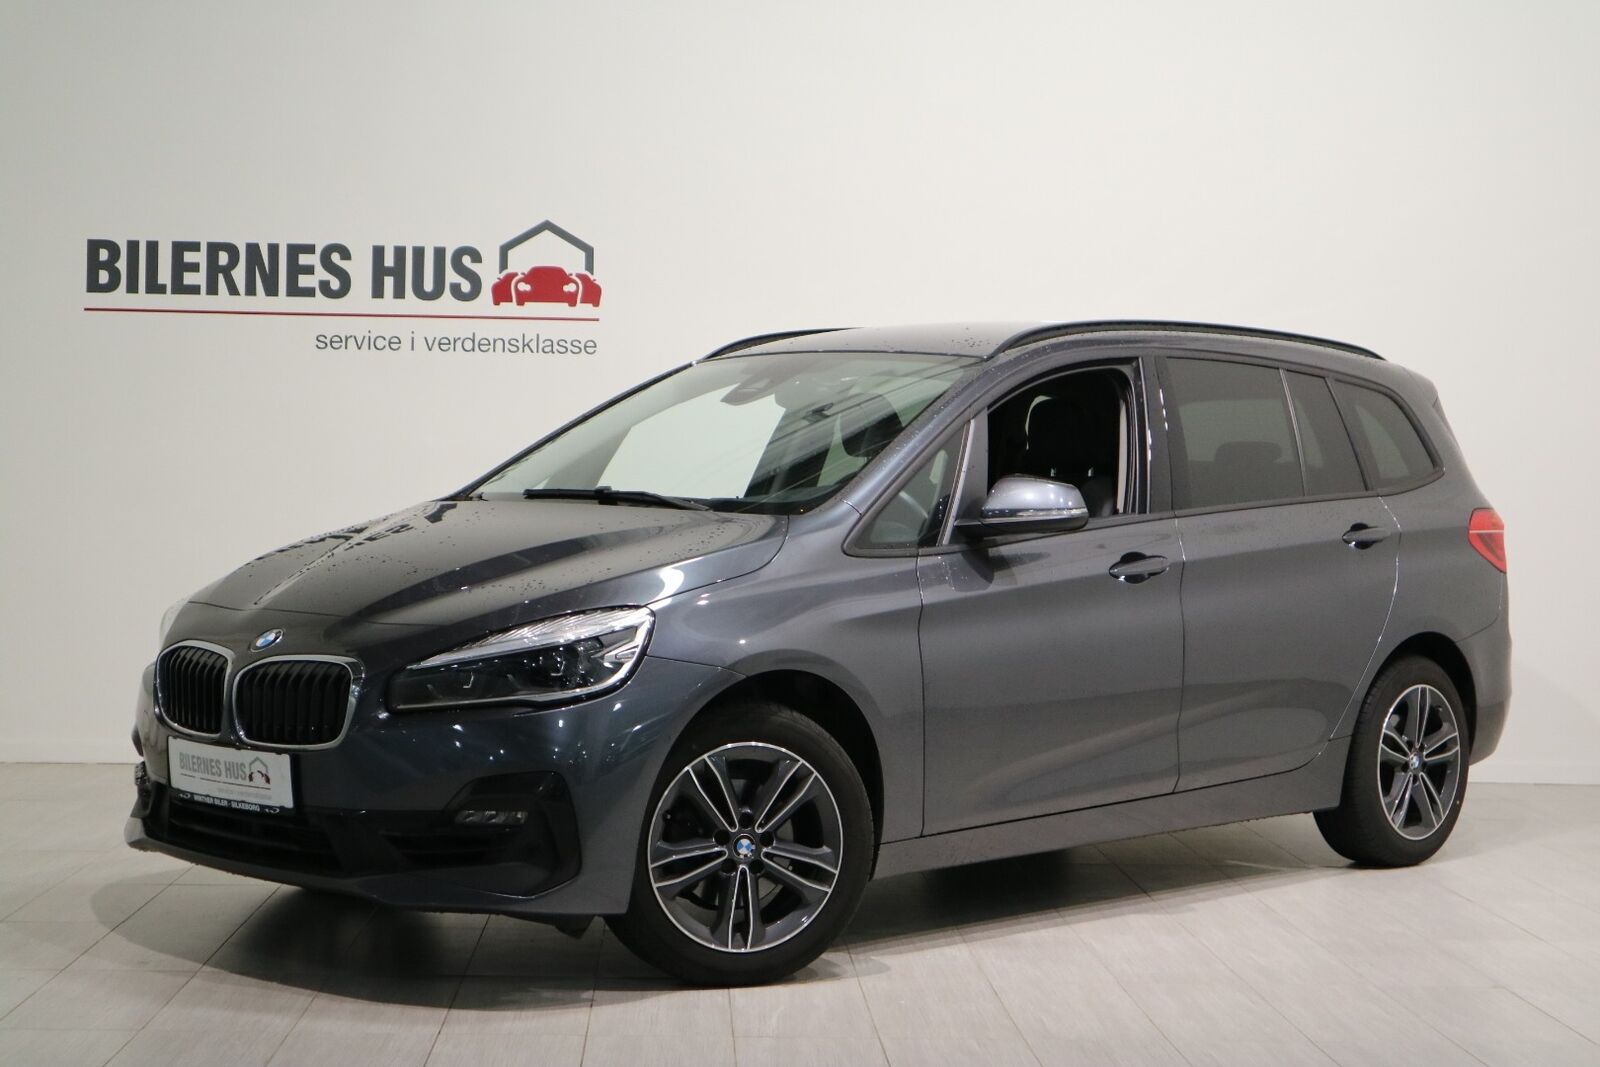 BMW 216i Billede 5